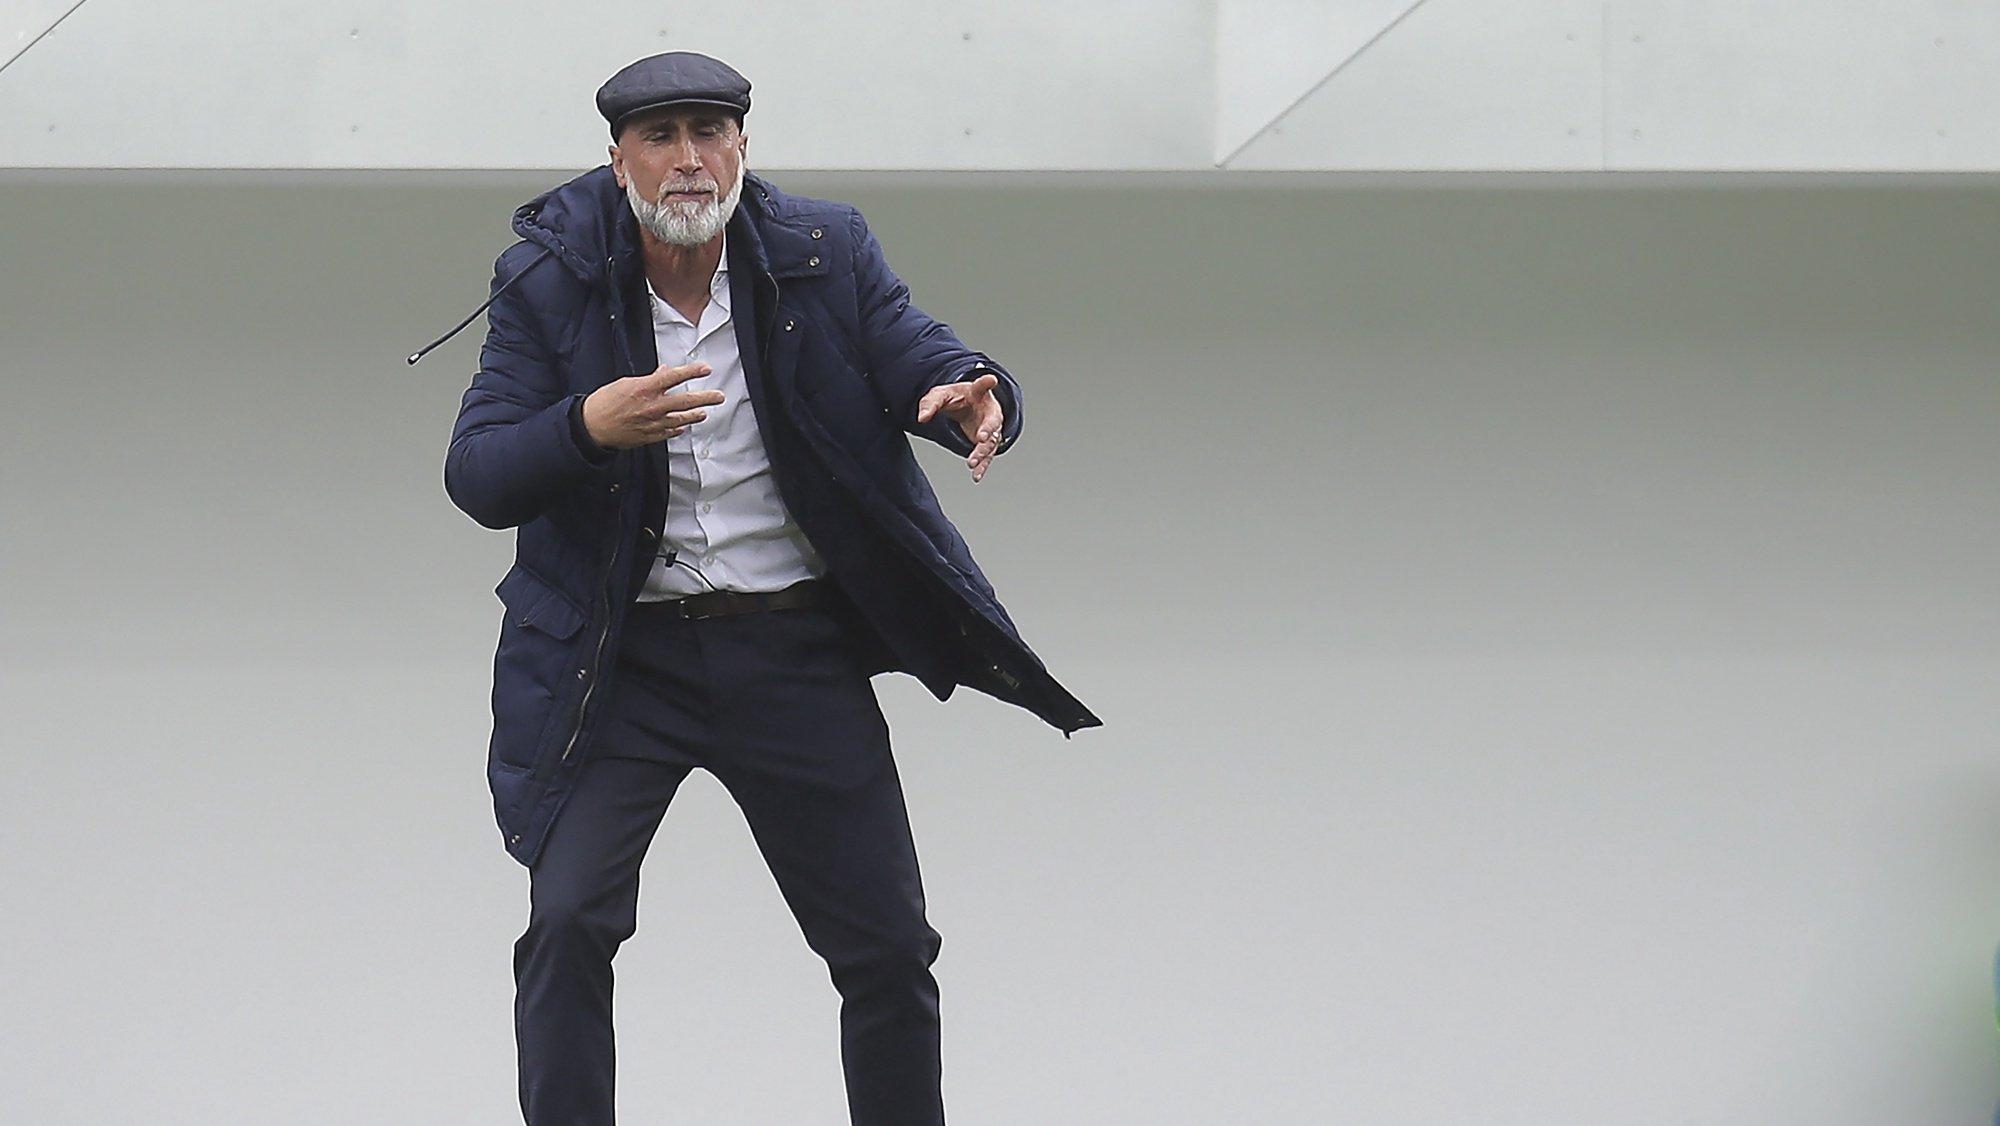 O treinador do Fc Vizela, Álvaro Pacheco, reage durante o jogo da 8ª jornada da I Liga de futebol, Fc Vizela vs Santa Clara, realizado no Estádio Futebol Clube Vizela, Vizela, 2 Outubro 2021, MANUEL FERNANDO ARAUJO/LUSA